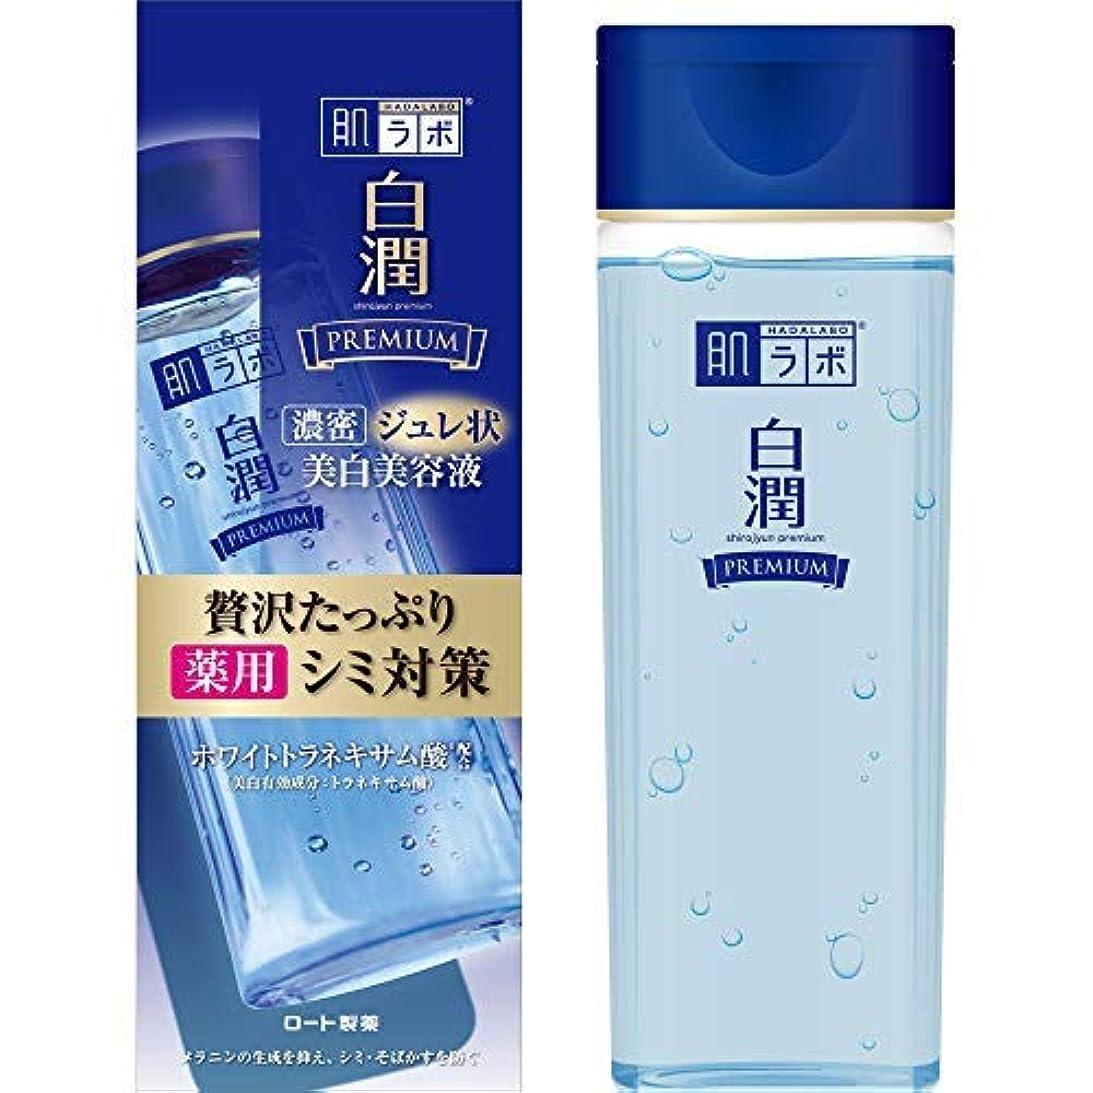 十二大破消費者肌ラボ 白潤プレミアム 薬用ジュレ状美白美容液 × 10個セット